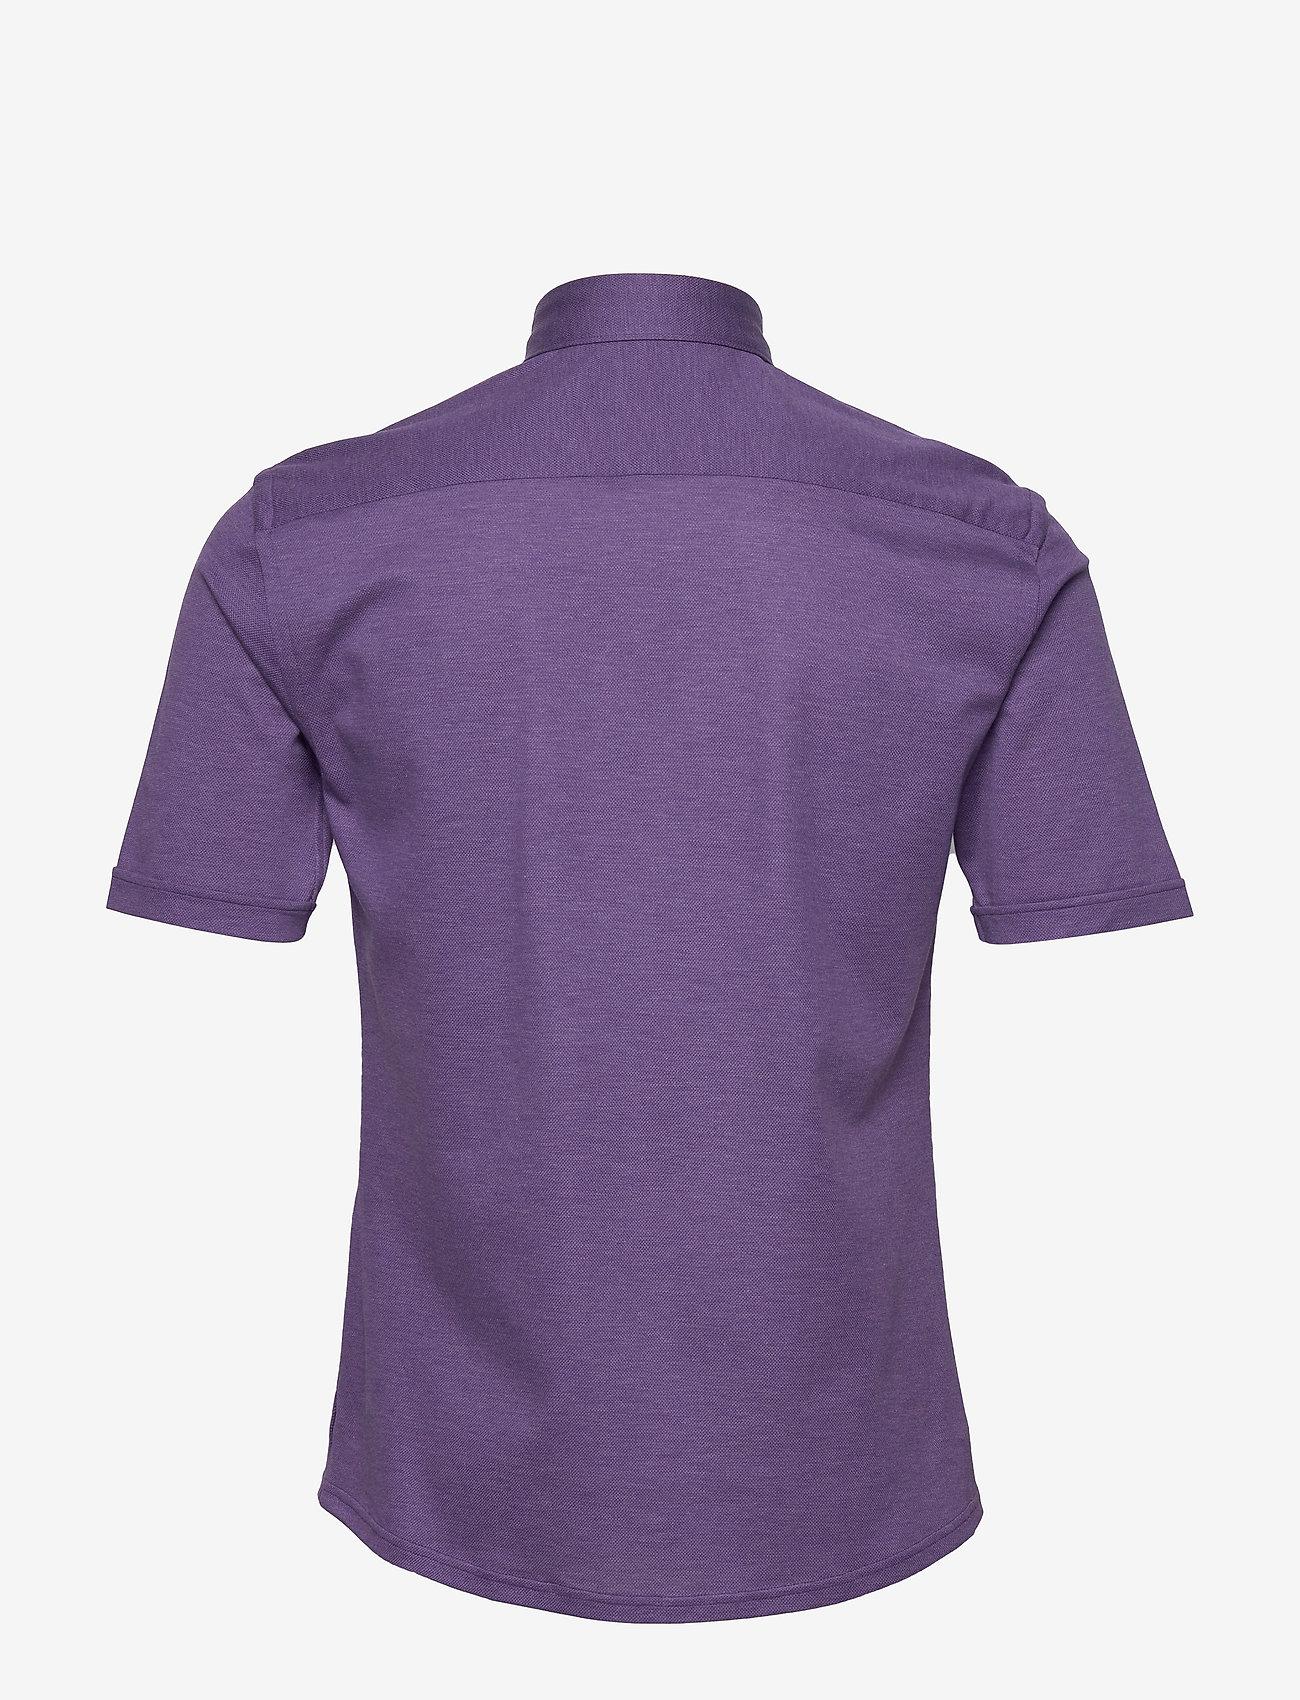 Eton Blue Polo Short Sleeve Popover Shirt - Poloskjorter PURPLE - Menn Klær